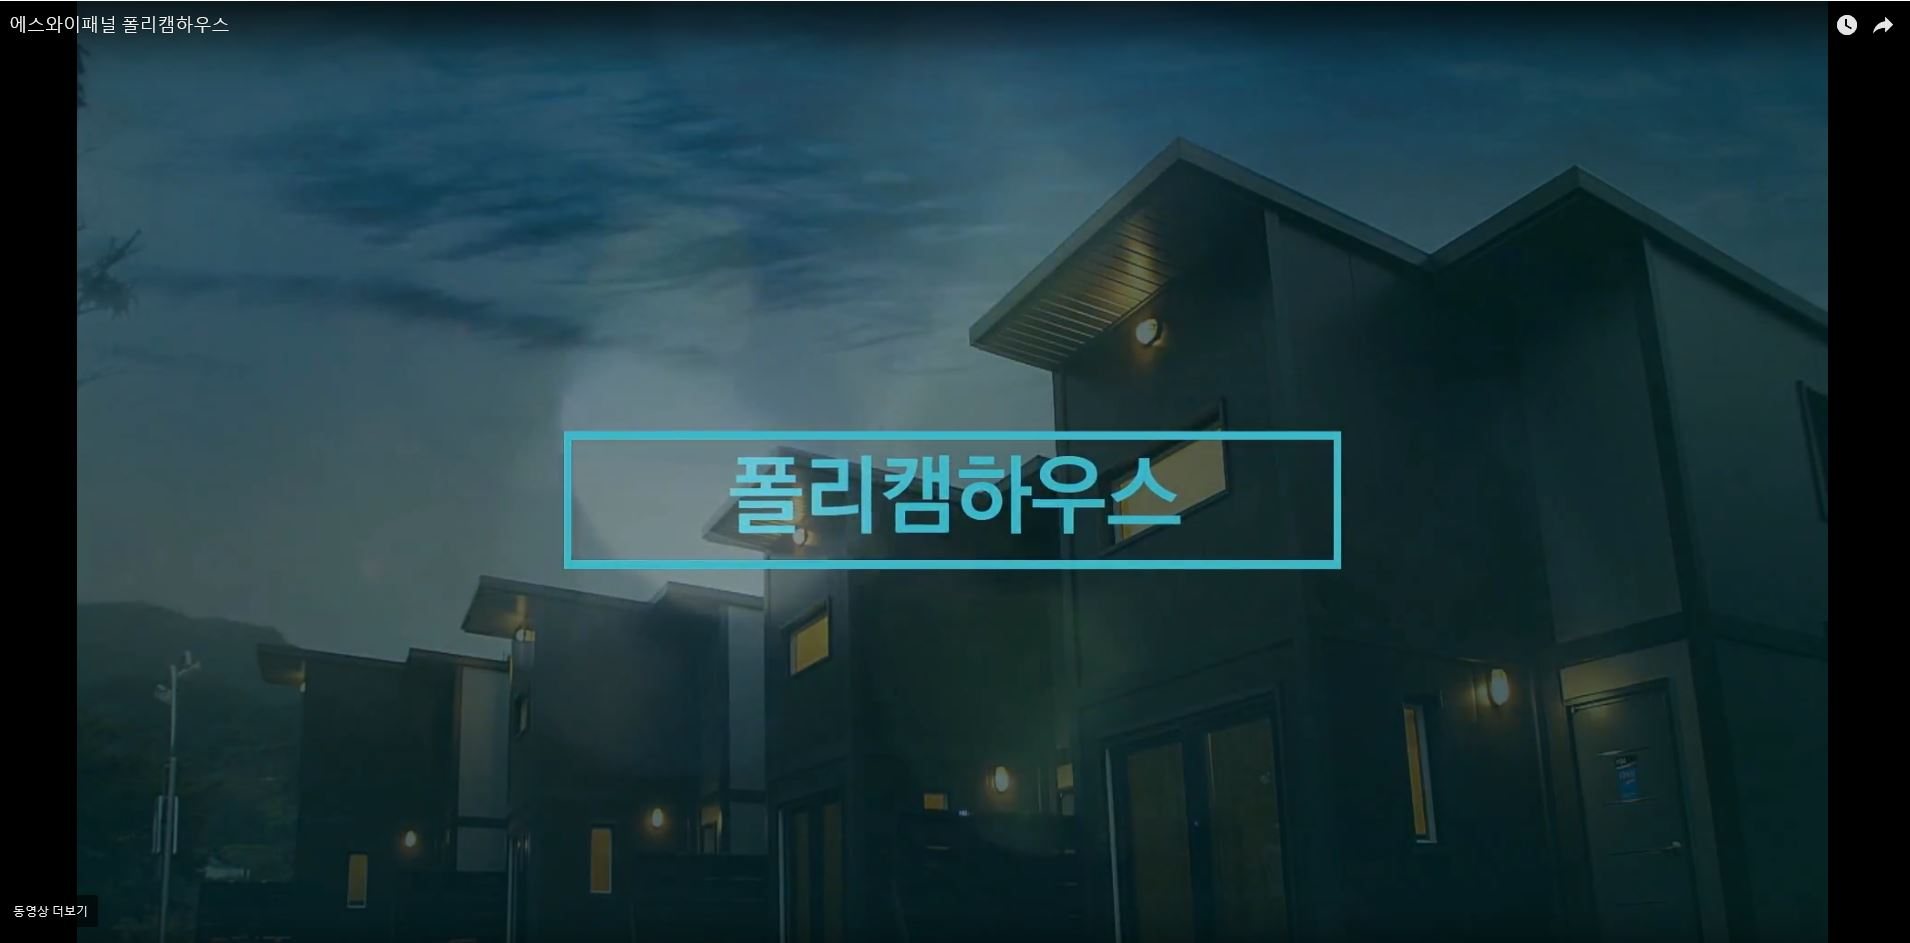 2017 에스와이그룹 폴리캠하우스 소개영상(국문)